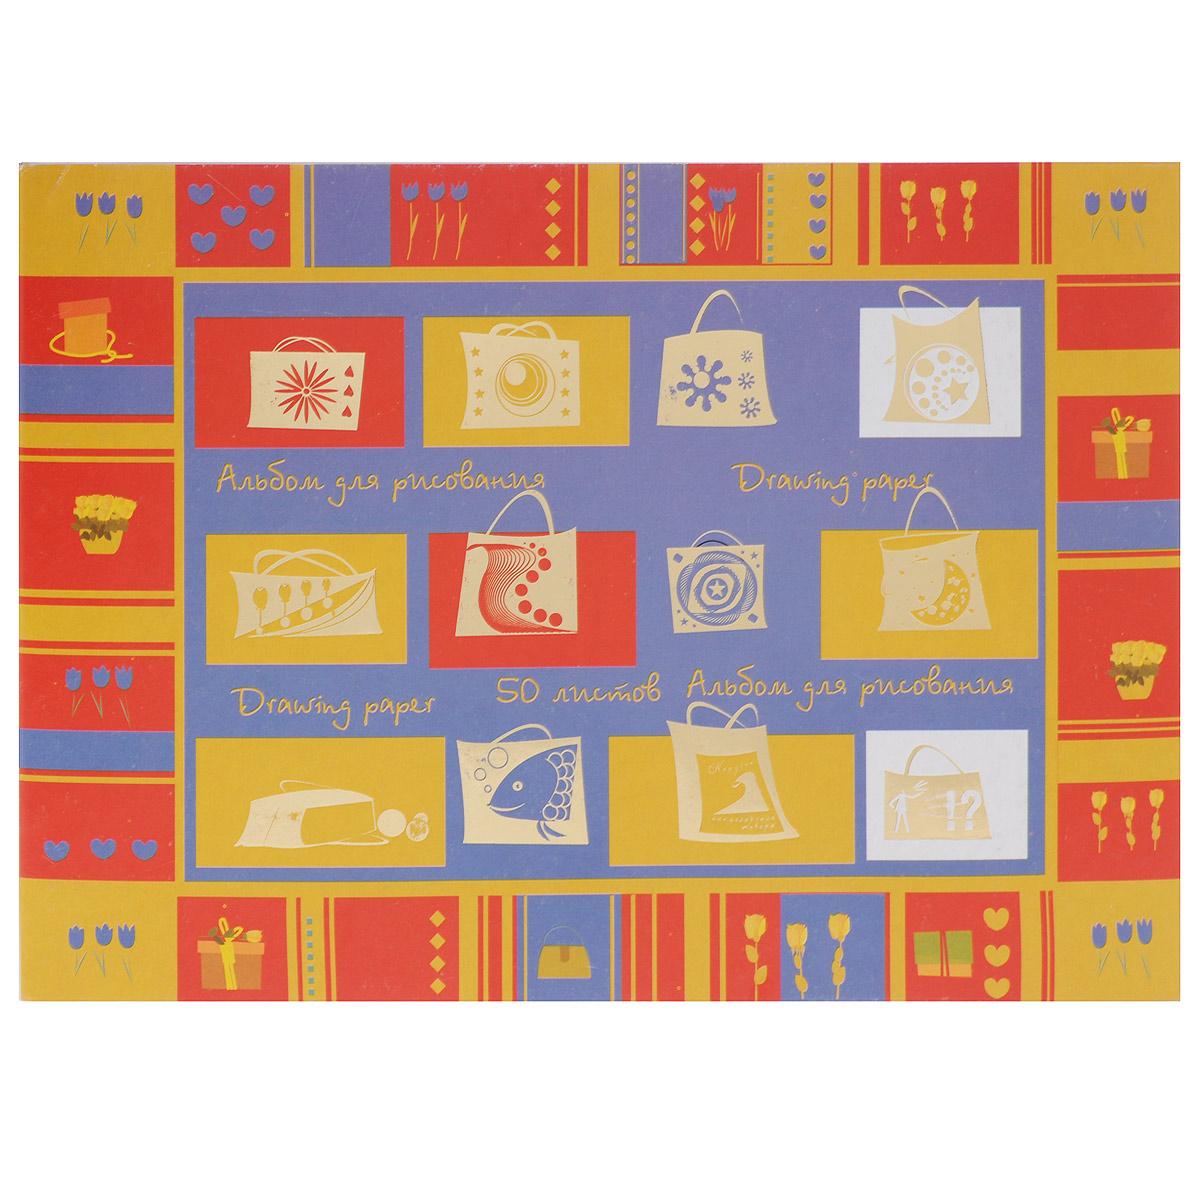 Альбом для рисования Kroyter, 50 листов, формат А460021Альбом Kroyter предназначен для рисования, художественно-графических работ и детского творчества. Внутренний блок состоит из офсетной бумаги. Обложка альбома выполнена из картона с ярким цветным рисунком. Тип крепления листов - склейка.